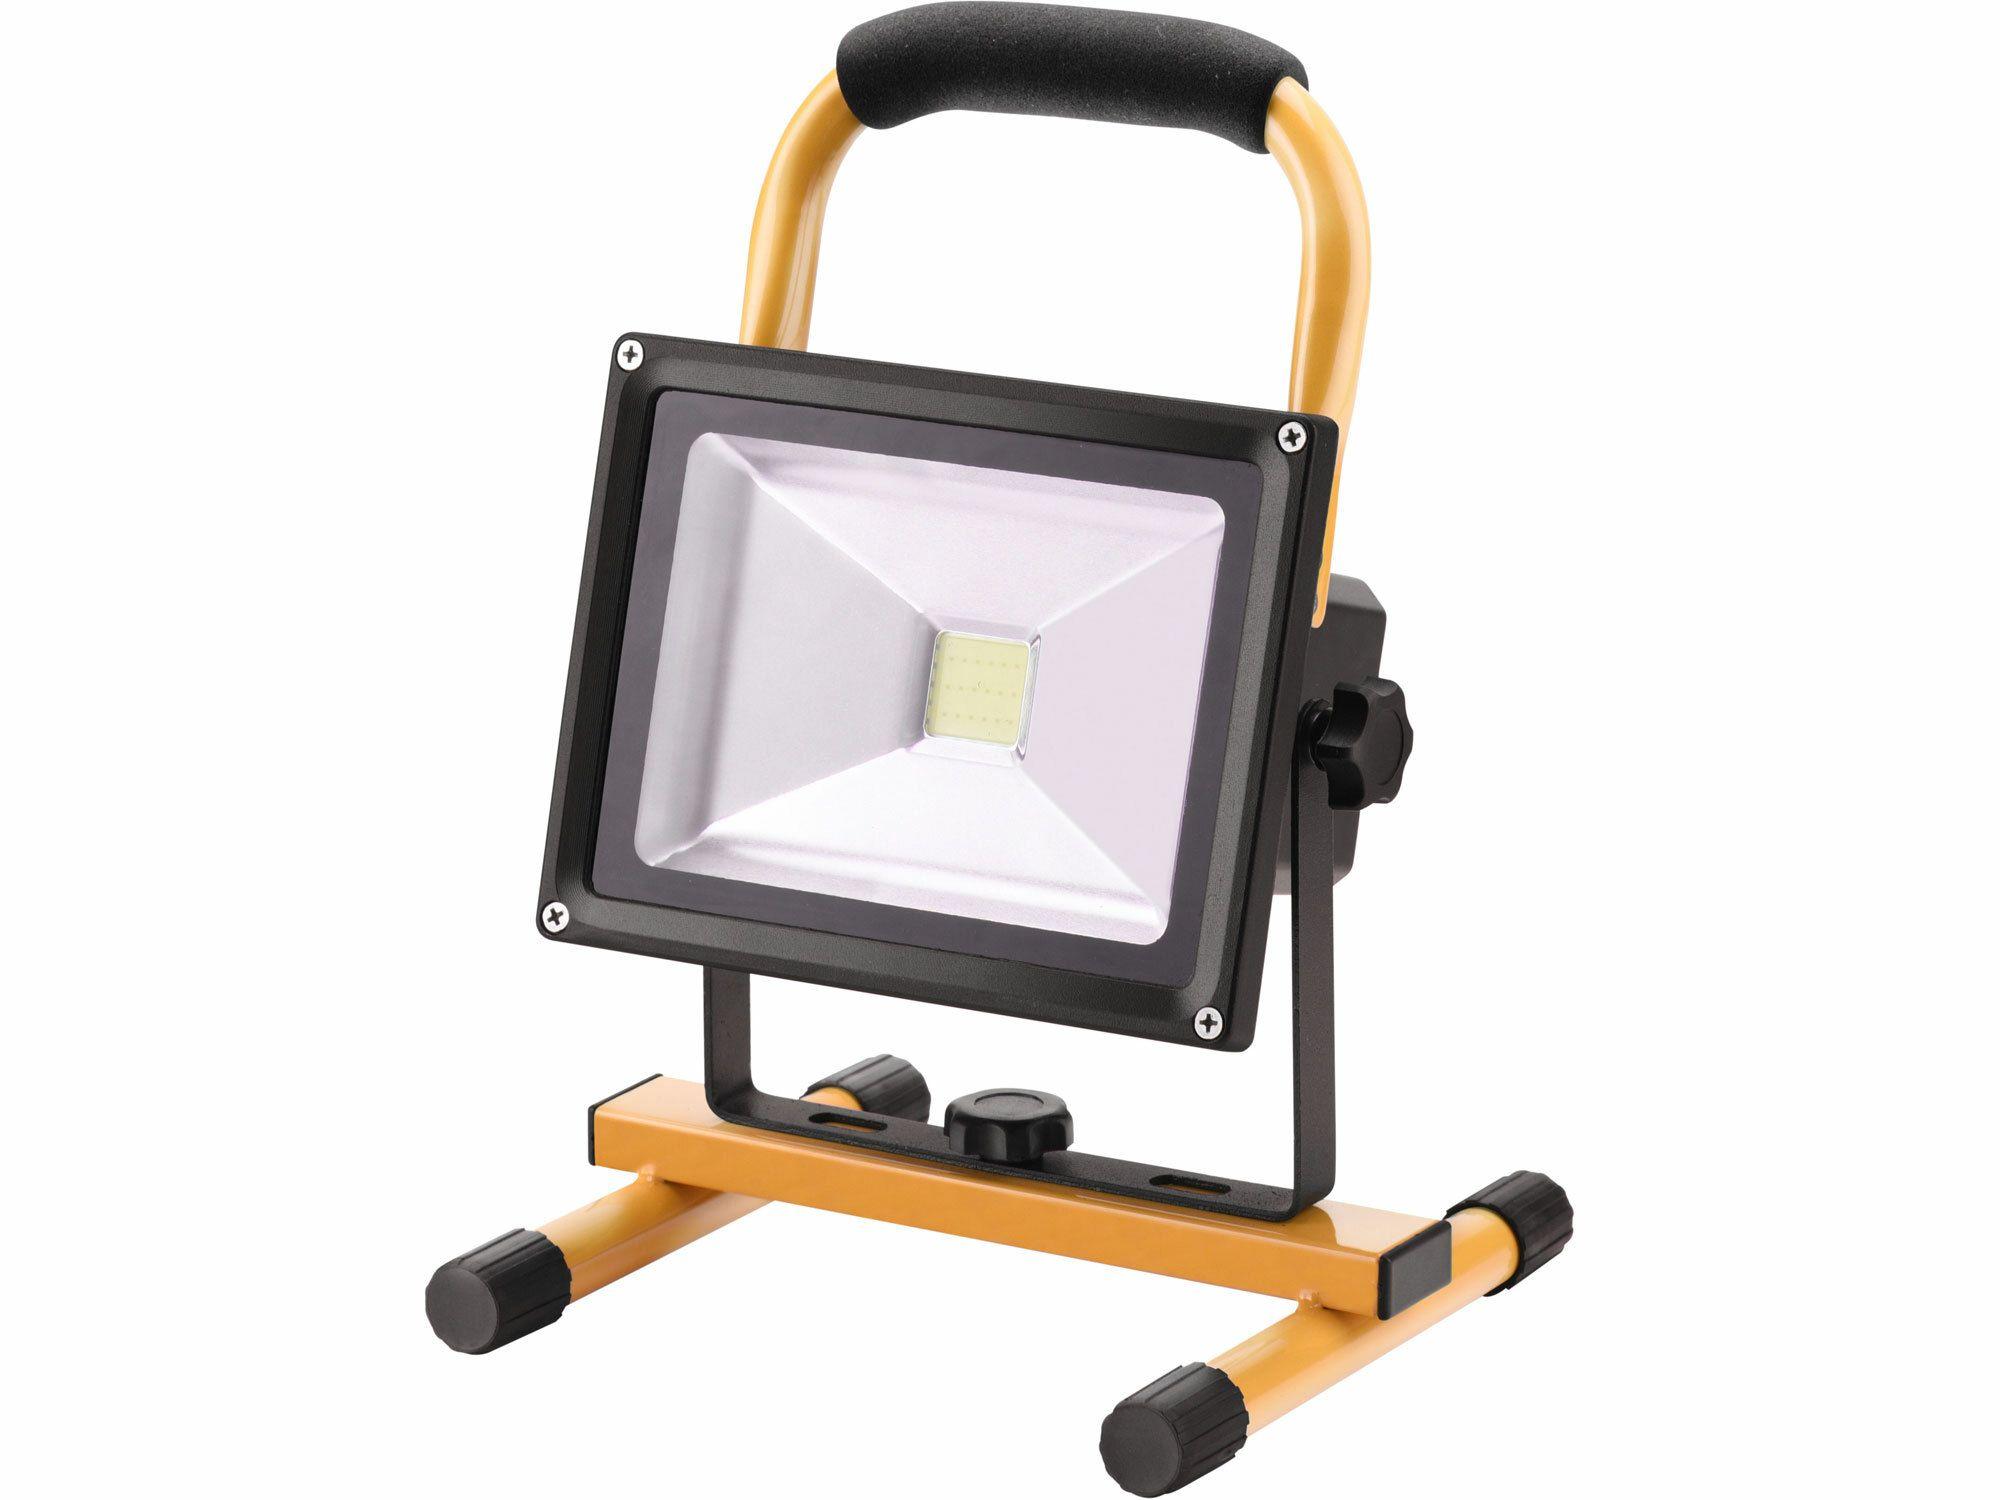 Reflektor LED nabíjecí s podstavcem, 1400lm, EXTOL LIGHT